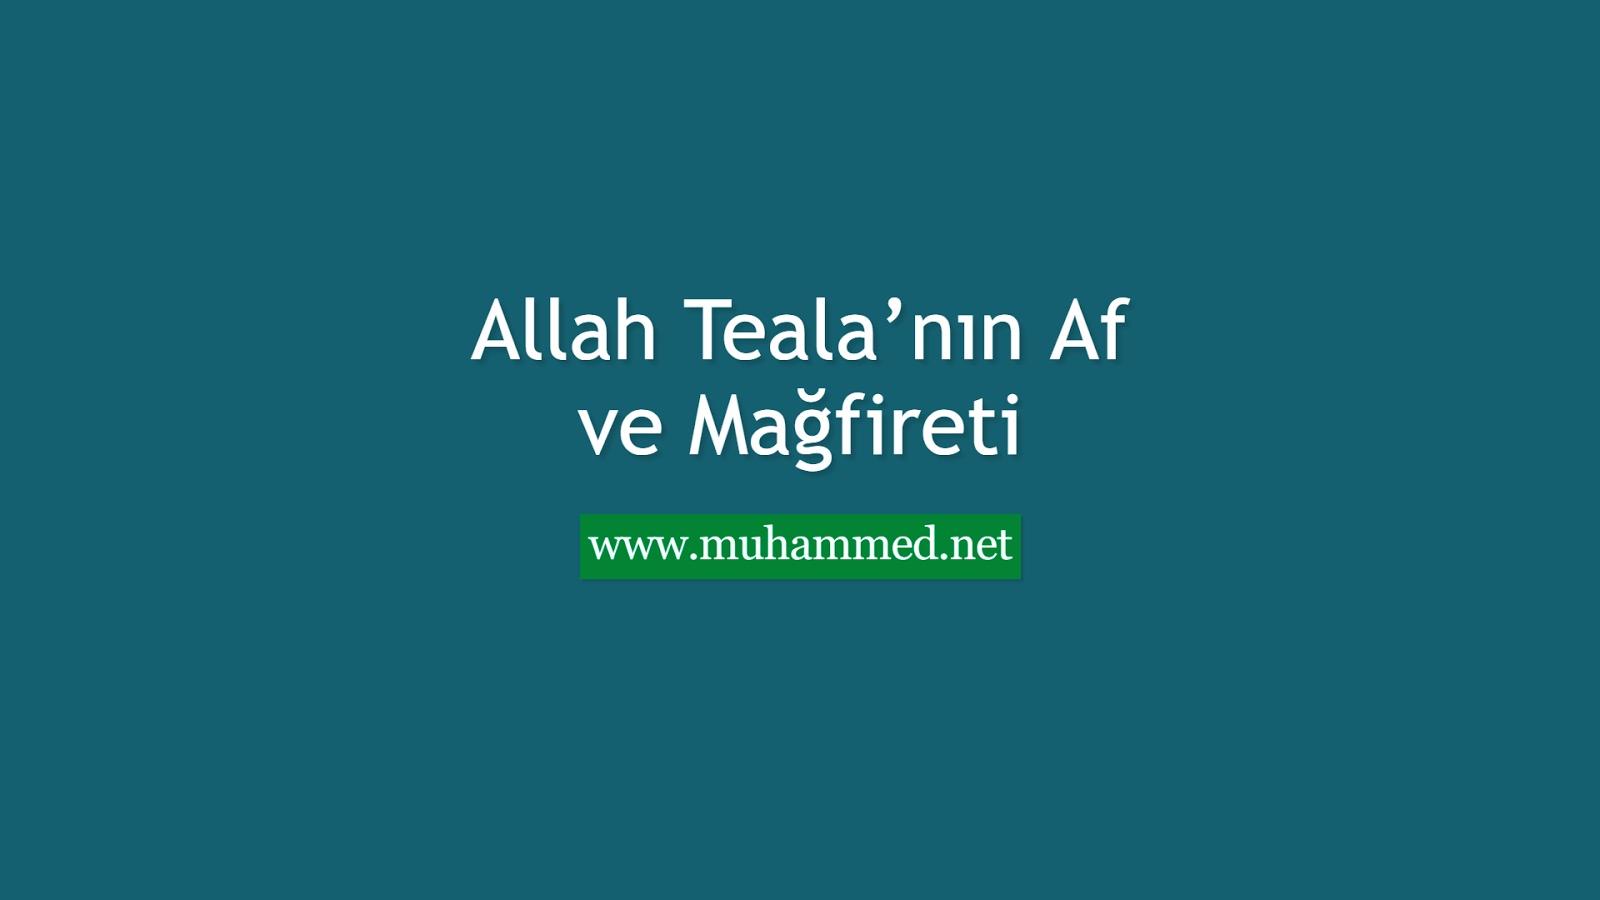 Allah Teala'nın Af ve Mağfireti